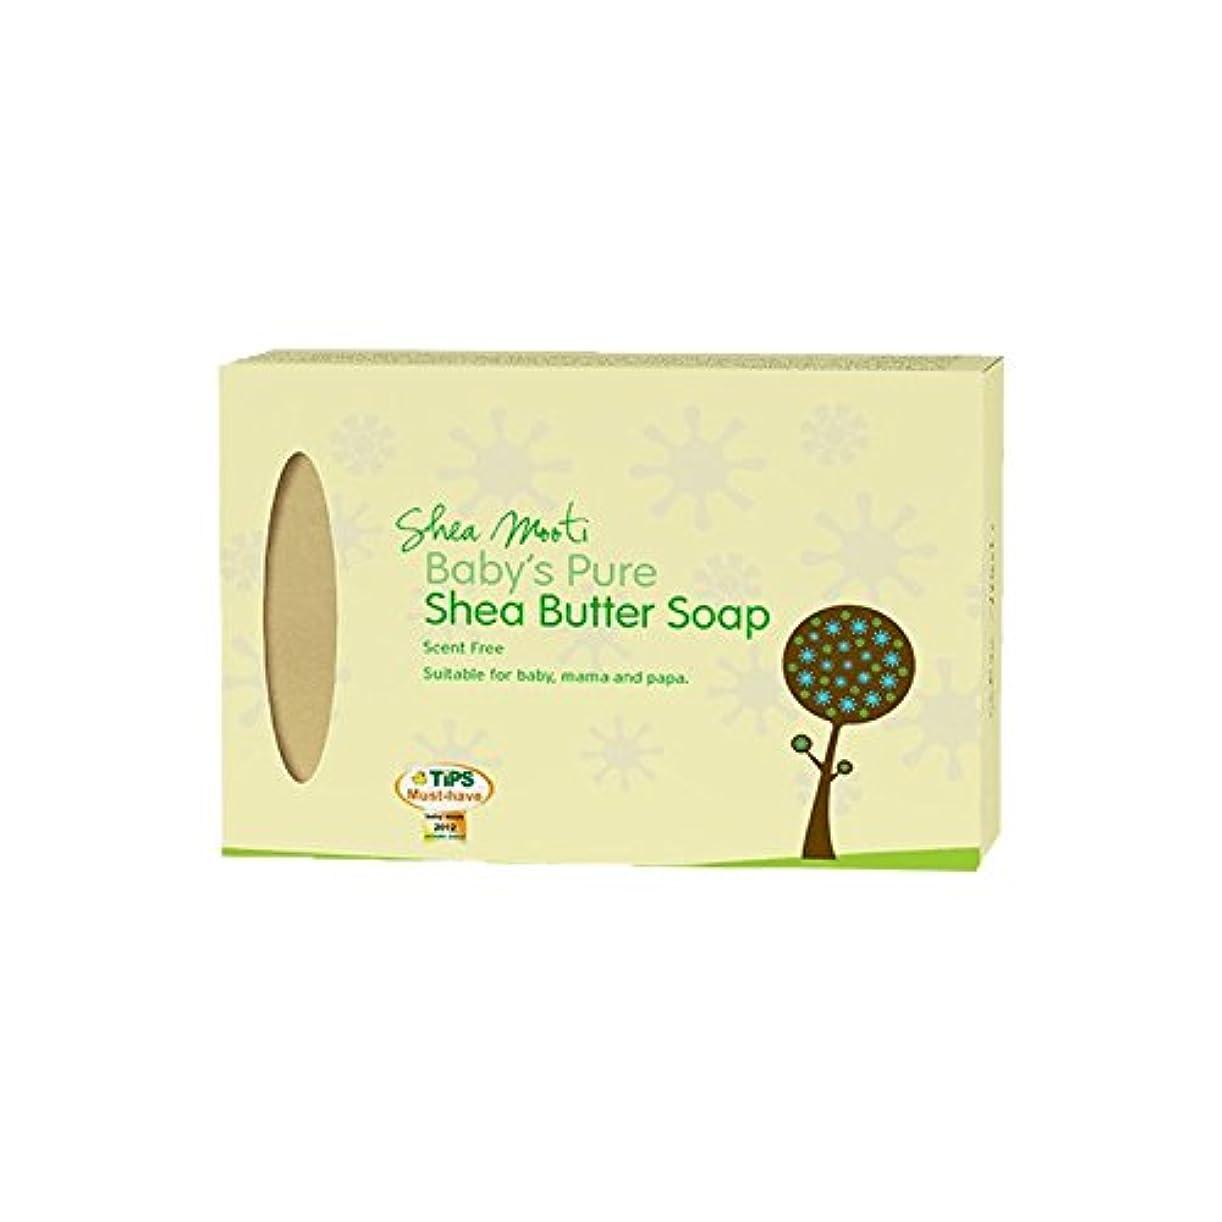 中断全体に排除するShea Mooti Baby's Pure Shea Butter Soap Unscented 250ml (Pack of 2) - シアバターMooti赤ちゃんの純粋なシアバターソープ無香250ミリリットル (x2) [並行輸入品]